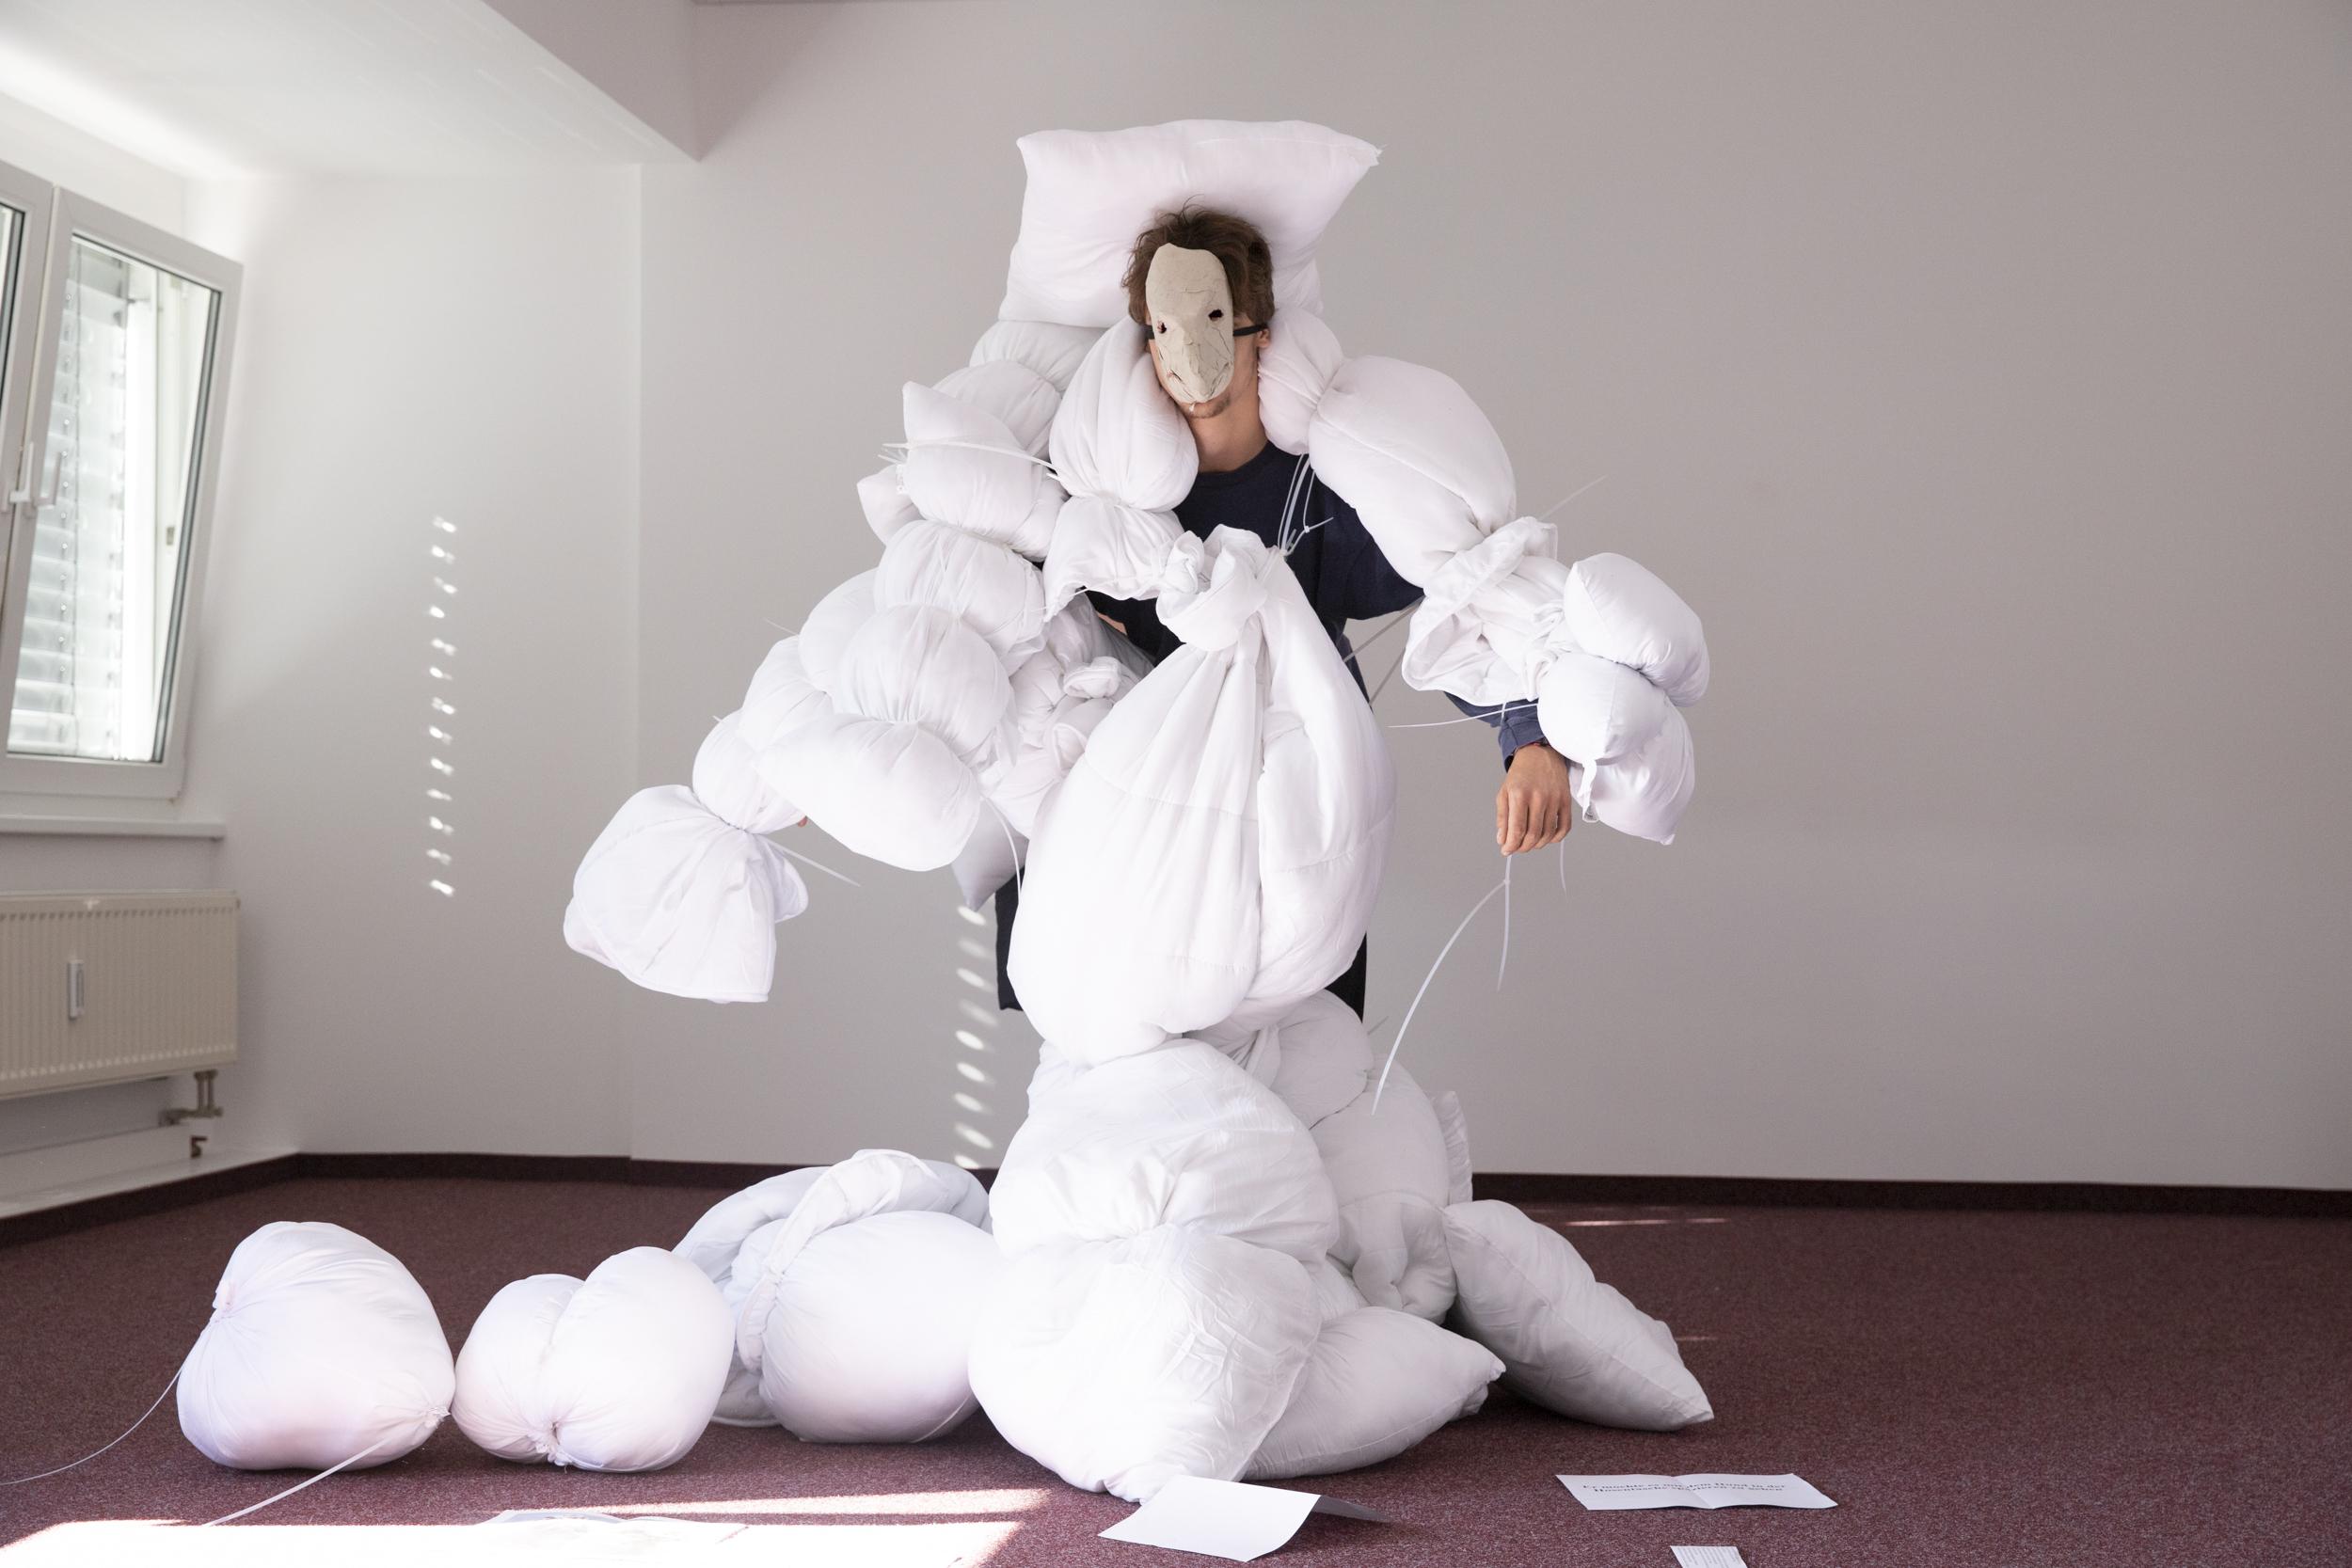 ein Spieler steht mit mehreren weißen Stoffbündeln am Körper und ausgebreiteten Armen verschnürt und einer weißen Maske im Gesicht im Raum